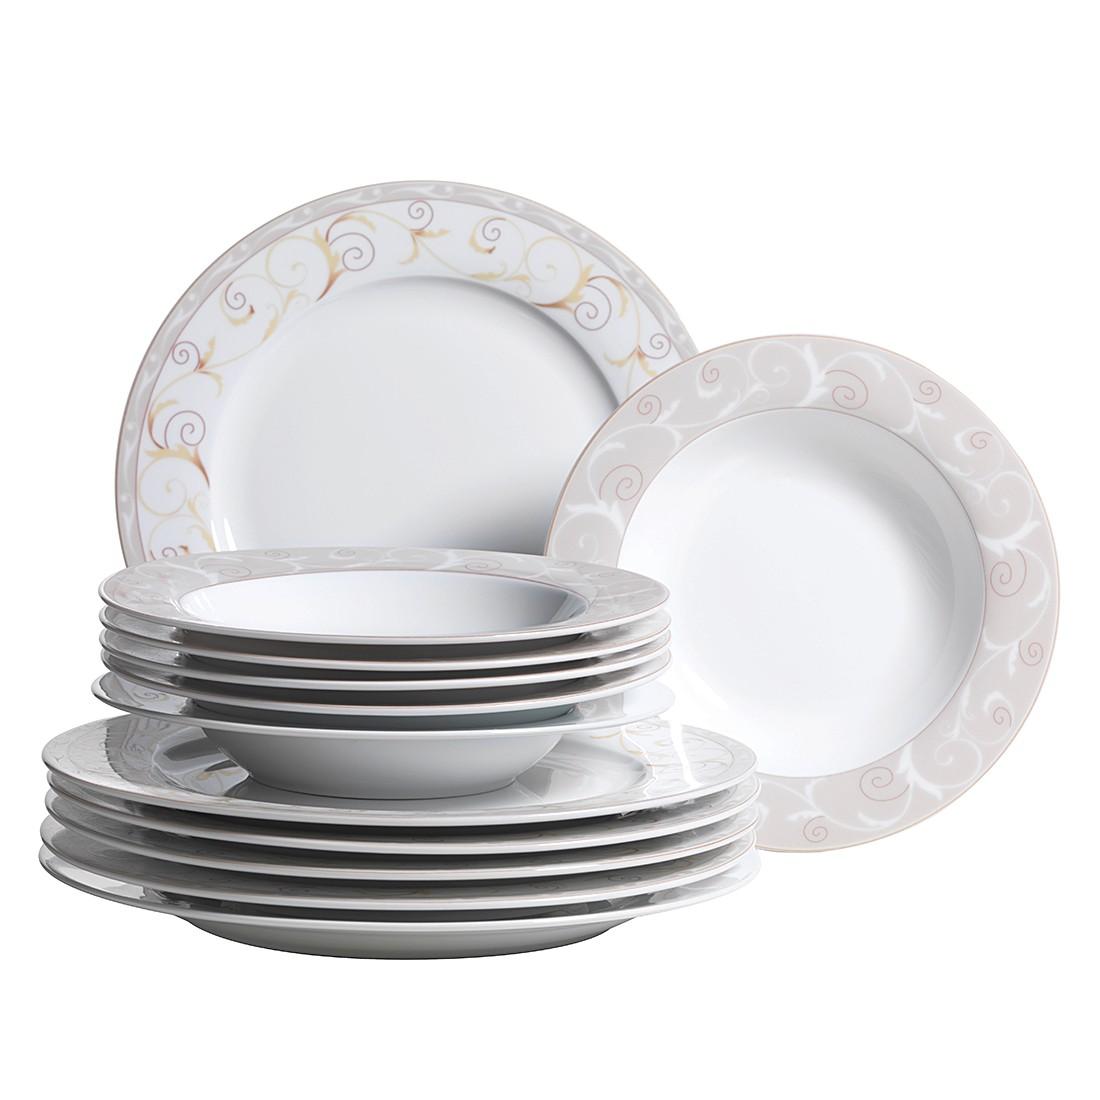 Tafelservice (12- teilig) Superwhite – Porzellan/Mehrfarbig, Mäser günstig kaufen